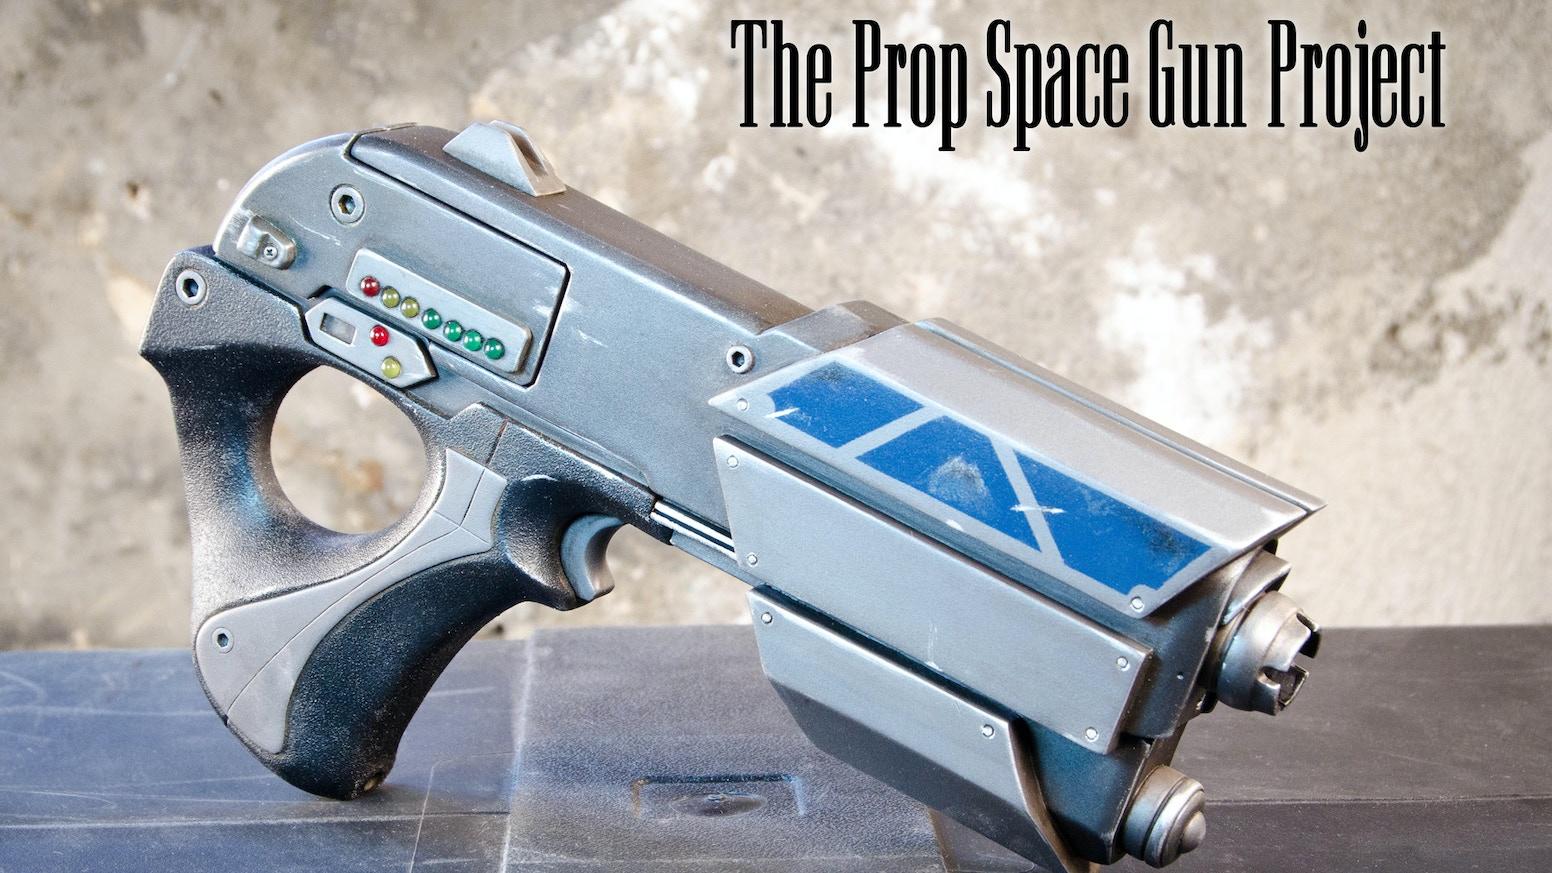 The Prop Space Gun Project by Bill Doran — Kickstarter